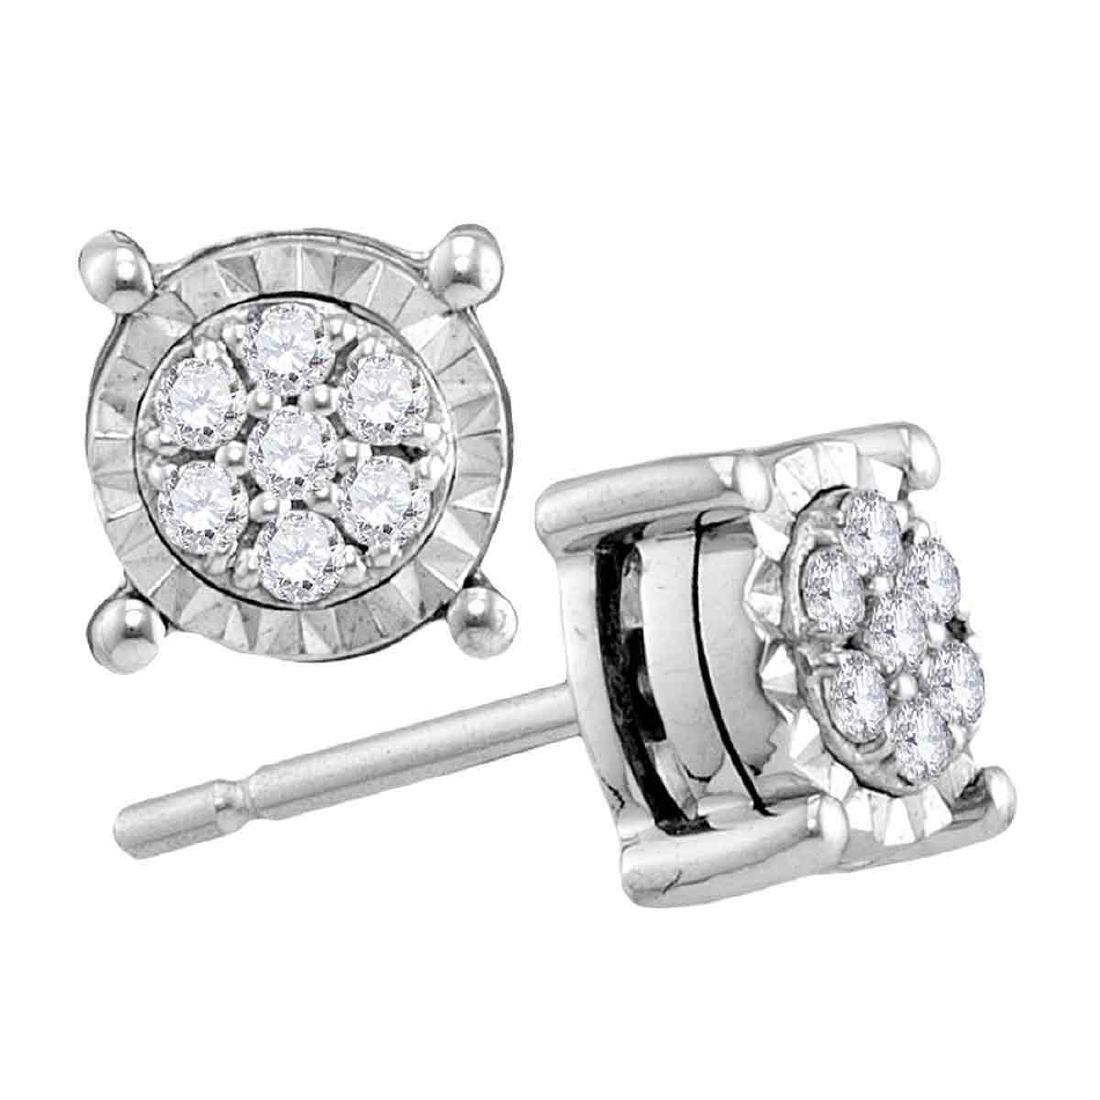 0.14 CTW Diamond Flower Screwback Earrings 10KT White